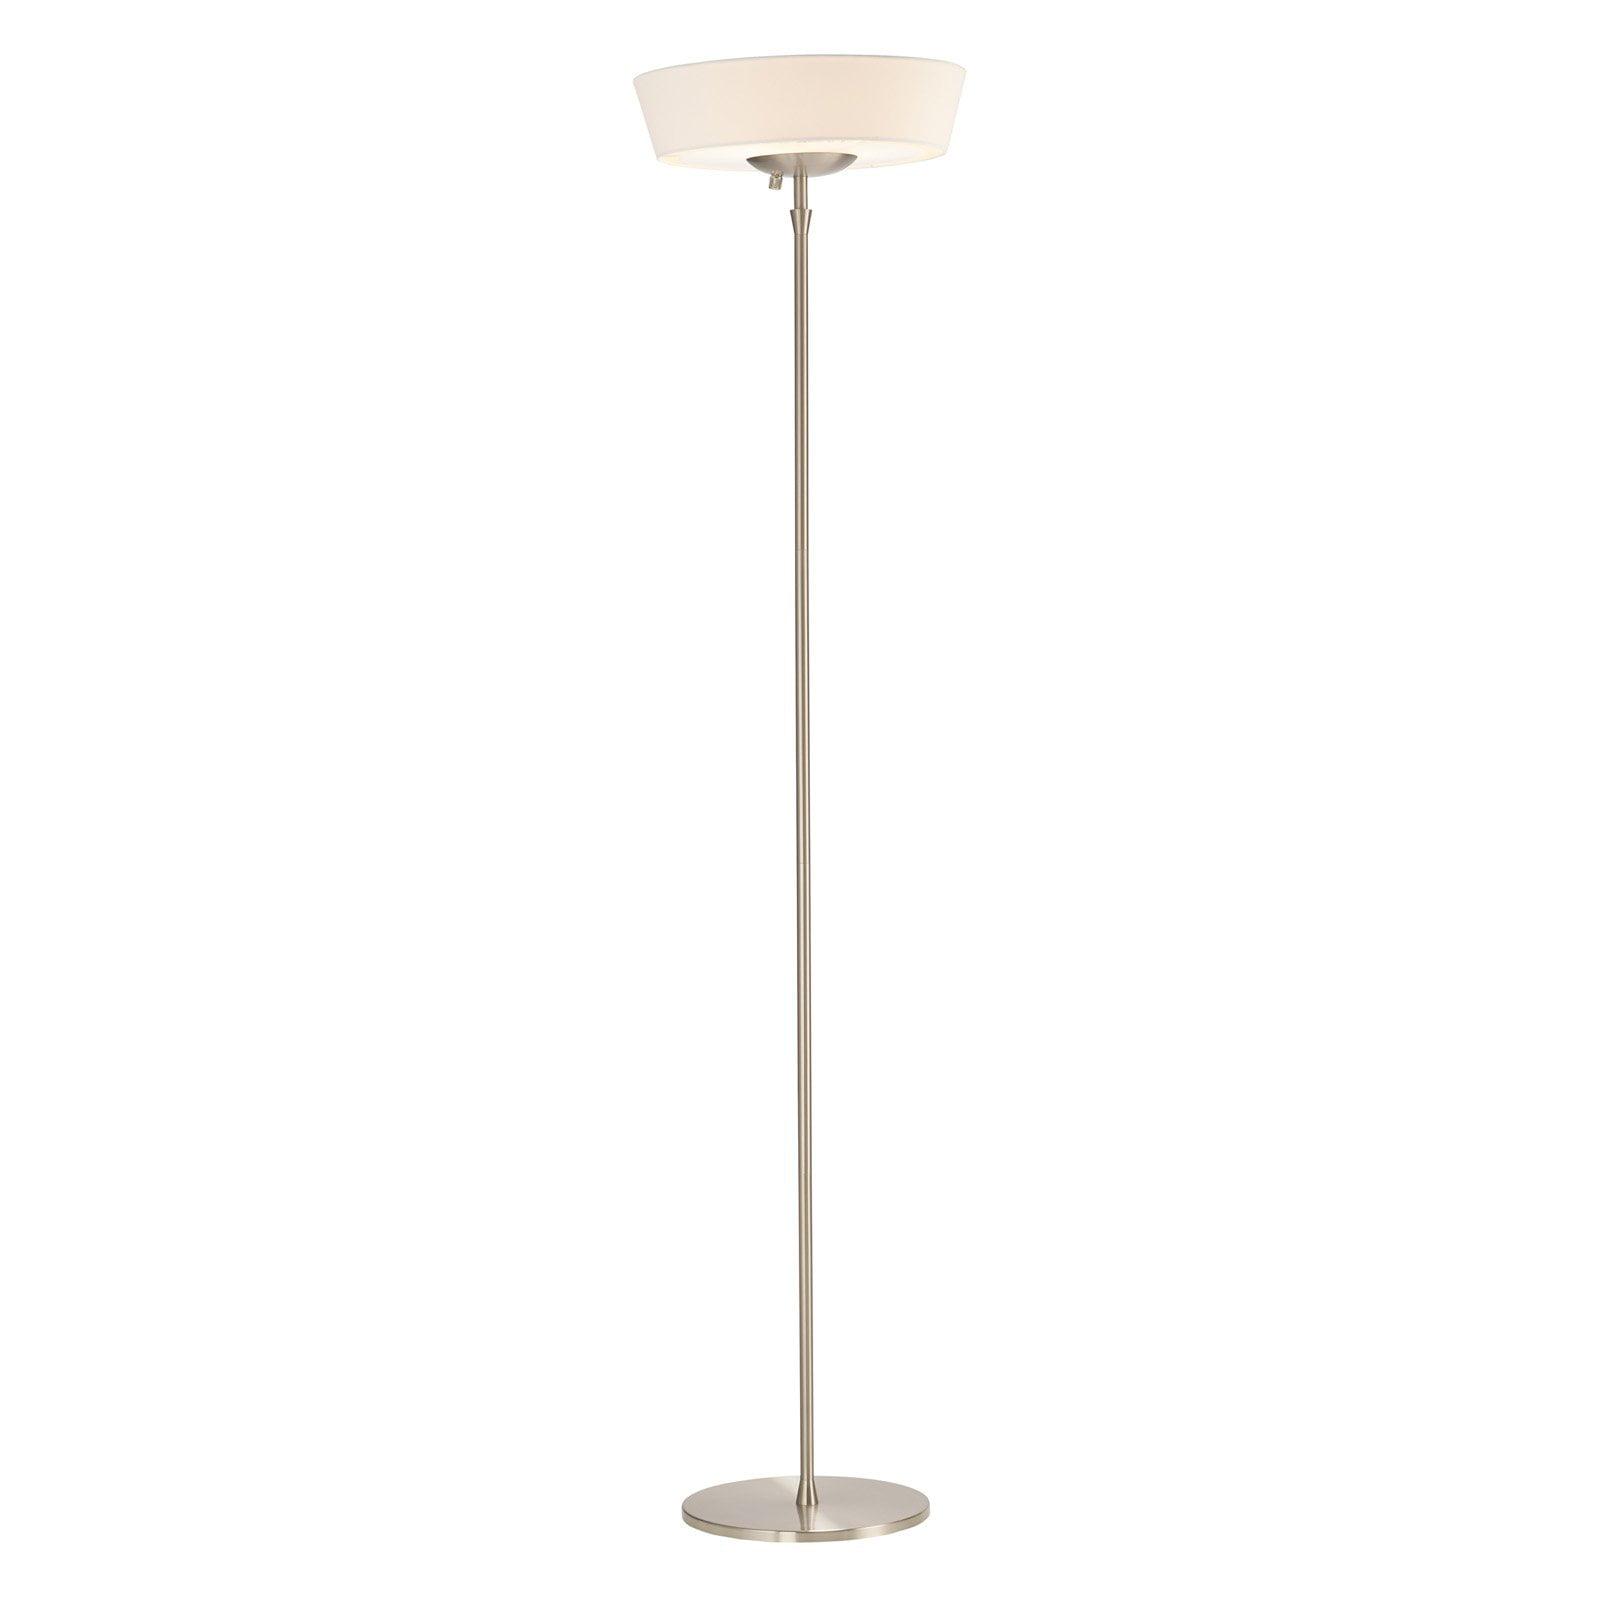 Adesso Harper Floor Lamp by Adesso